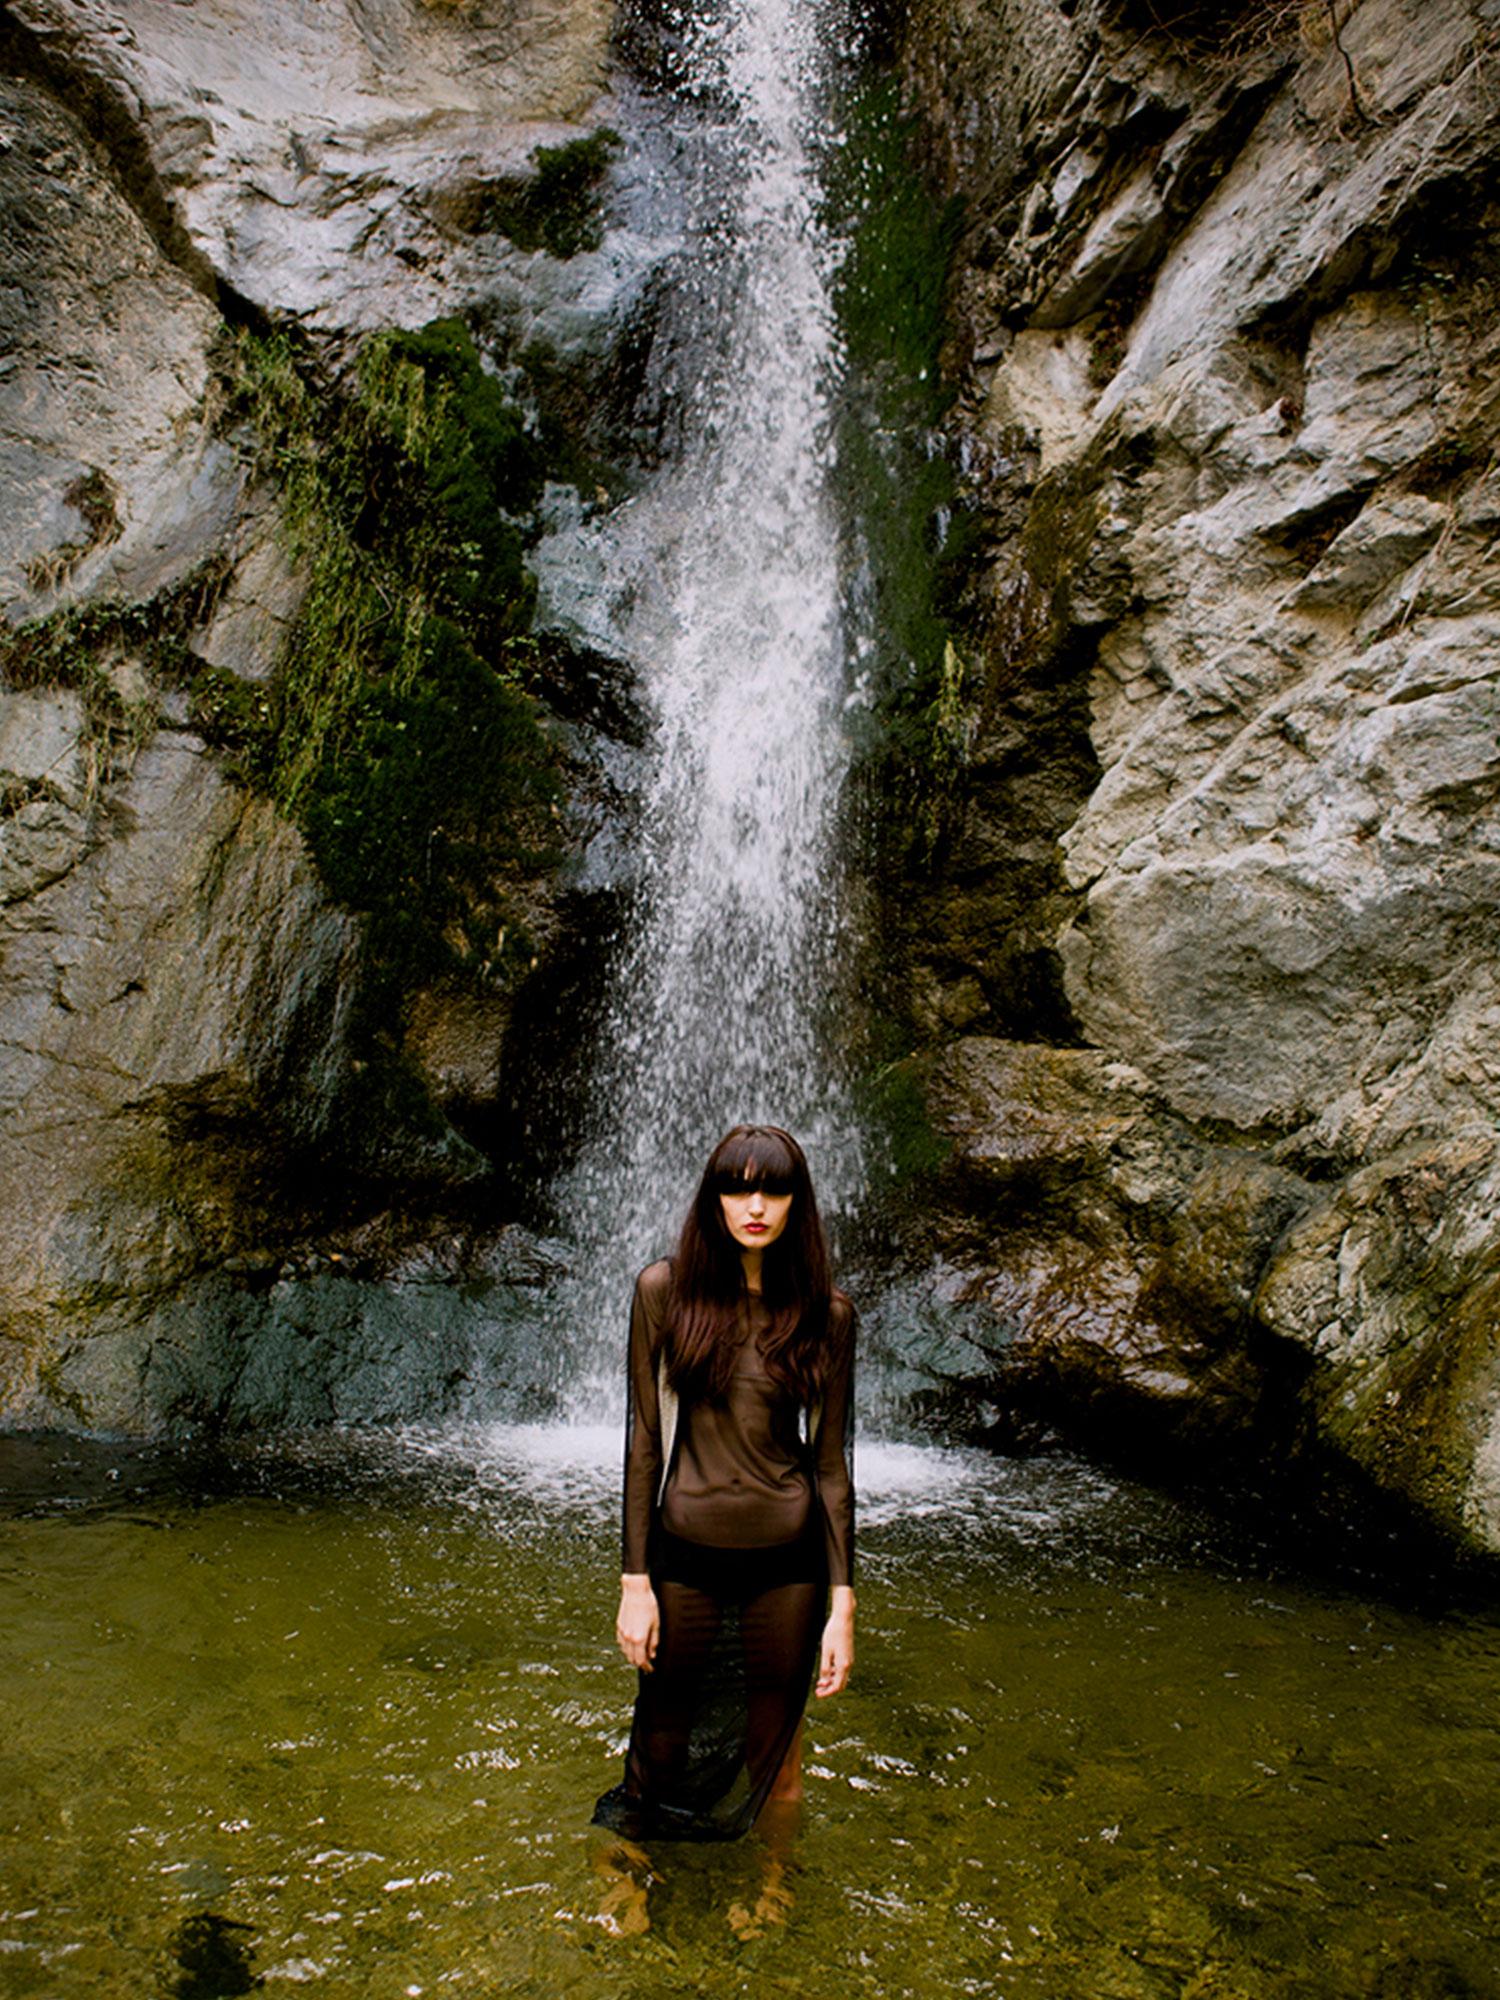 saida-staud-canyon-01.jpg